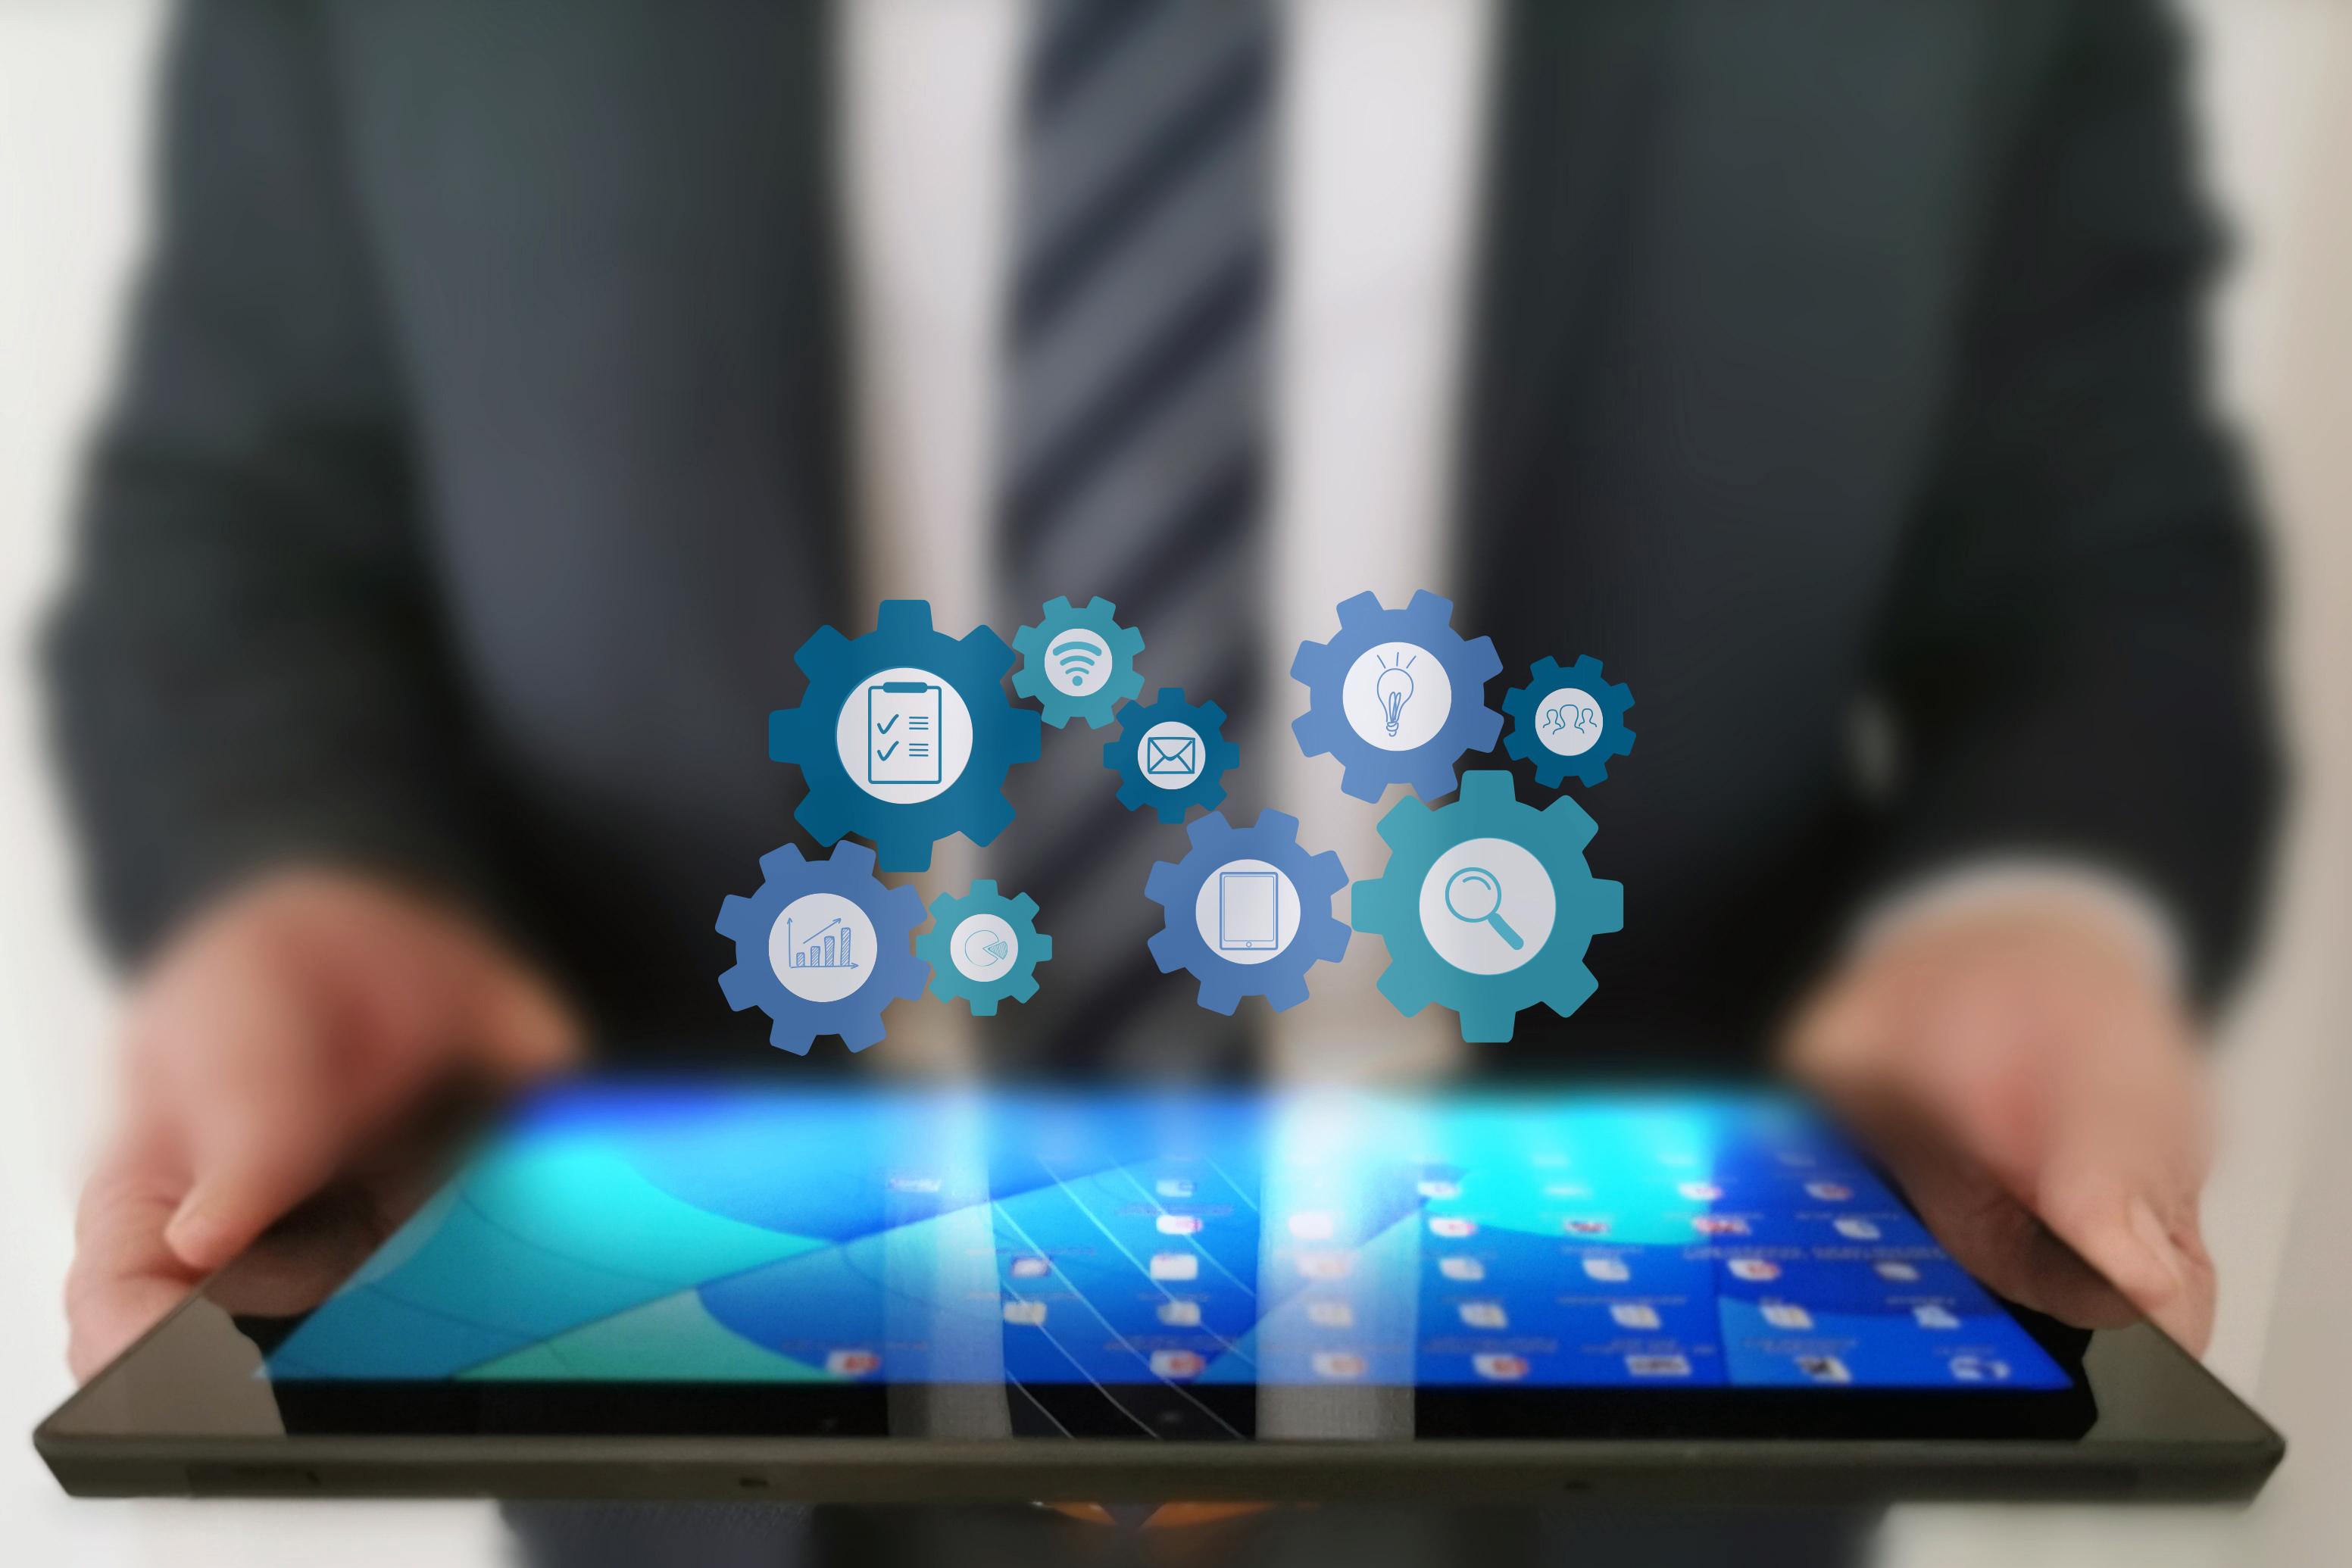 Hier wird ein Tablet mit allen Instrumenten angezeigt, über die ein Digital Business Manager Kenntnis haben sollte